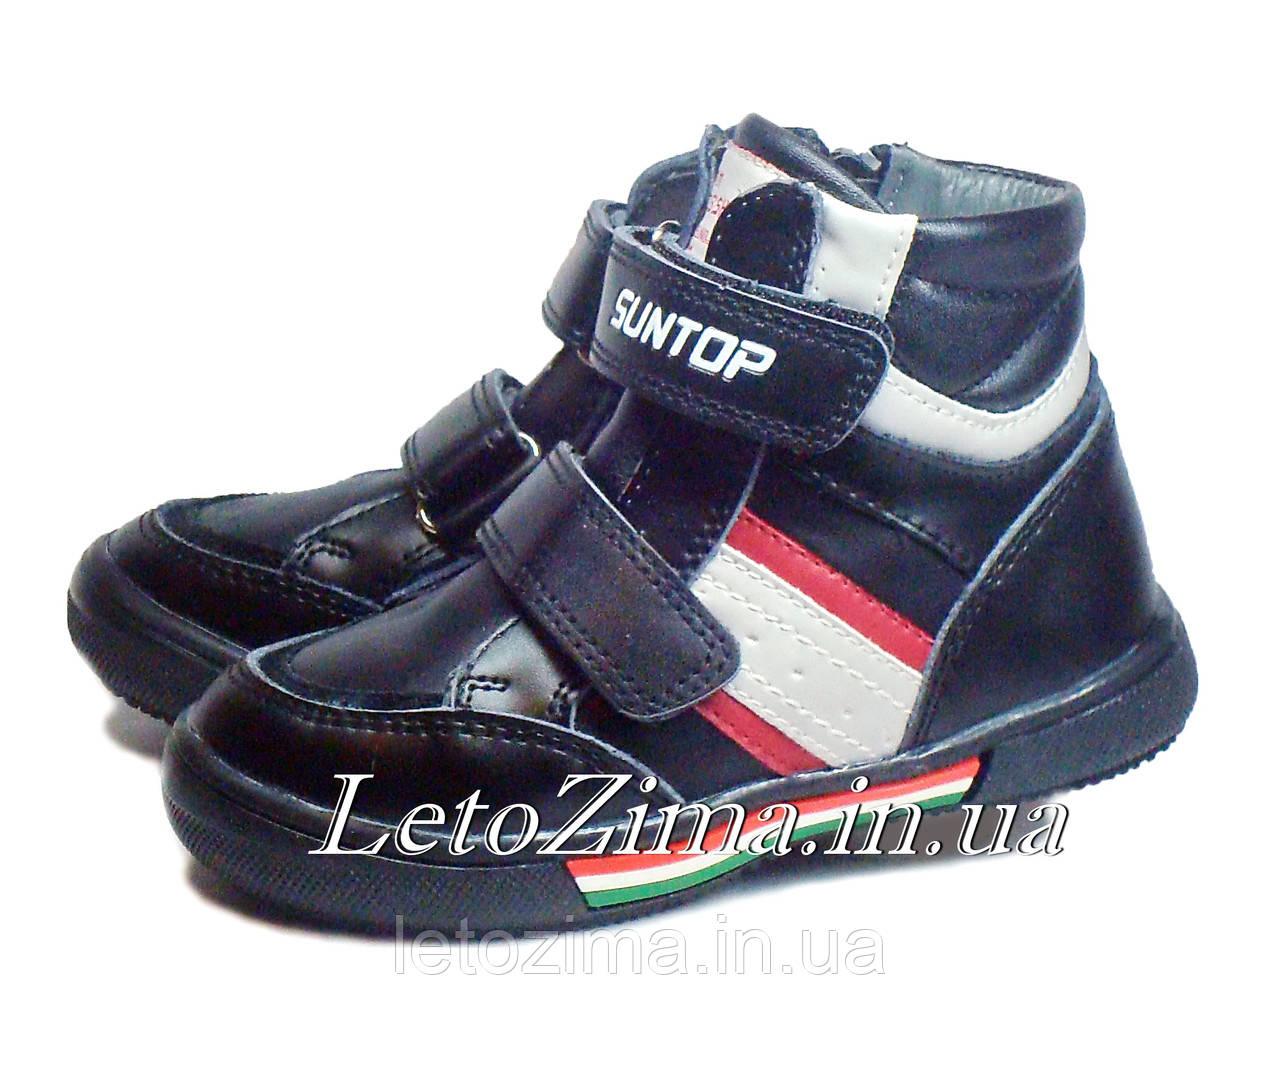 Обувь демисезонная, ботинки р.26-31